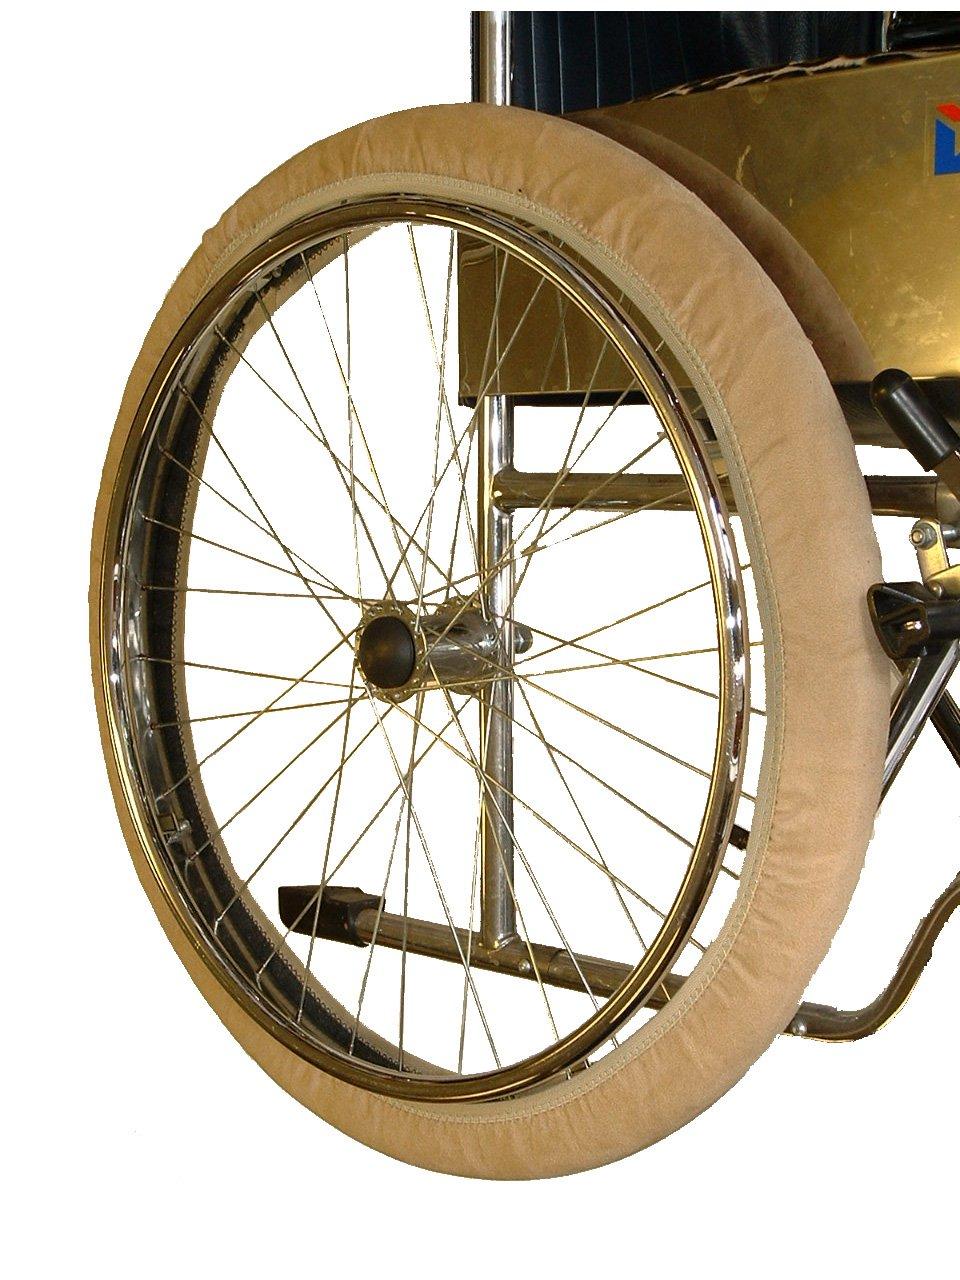 Wheelchair Slippers: Fundas Para Llantas de Sillas de Ruedas: Amazon.es: Salud y cuidado personal